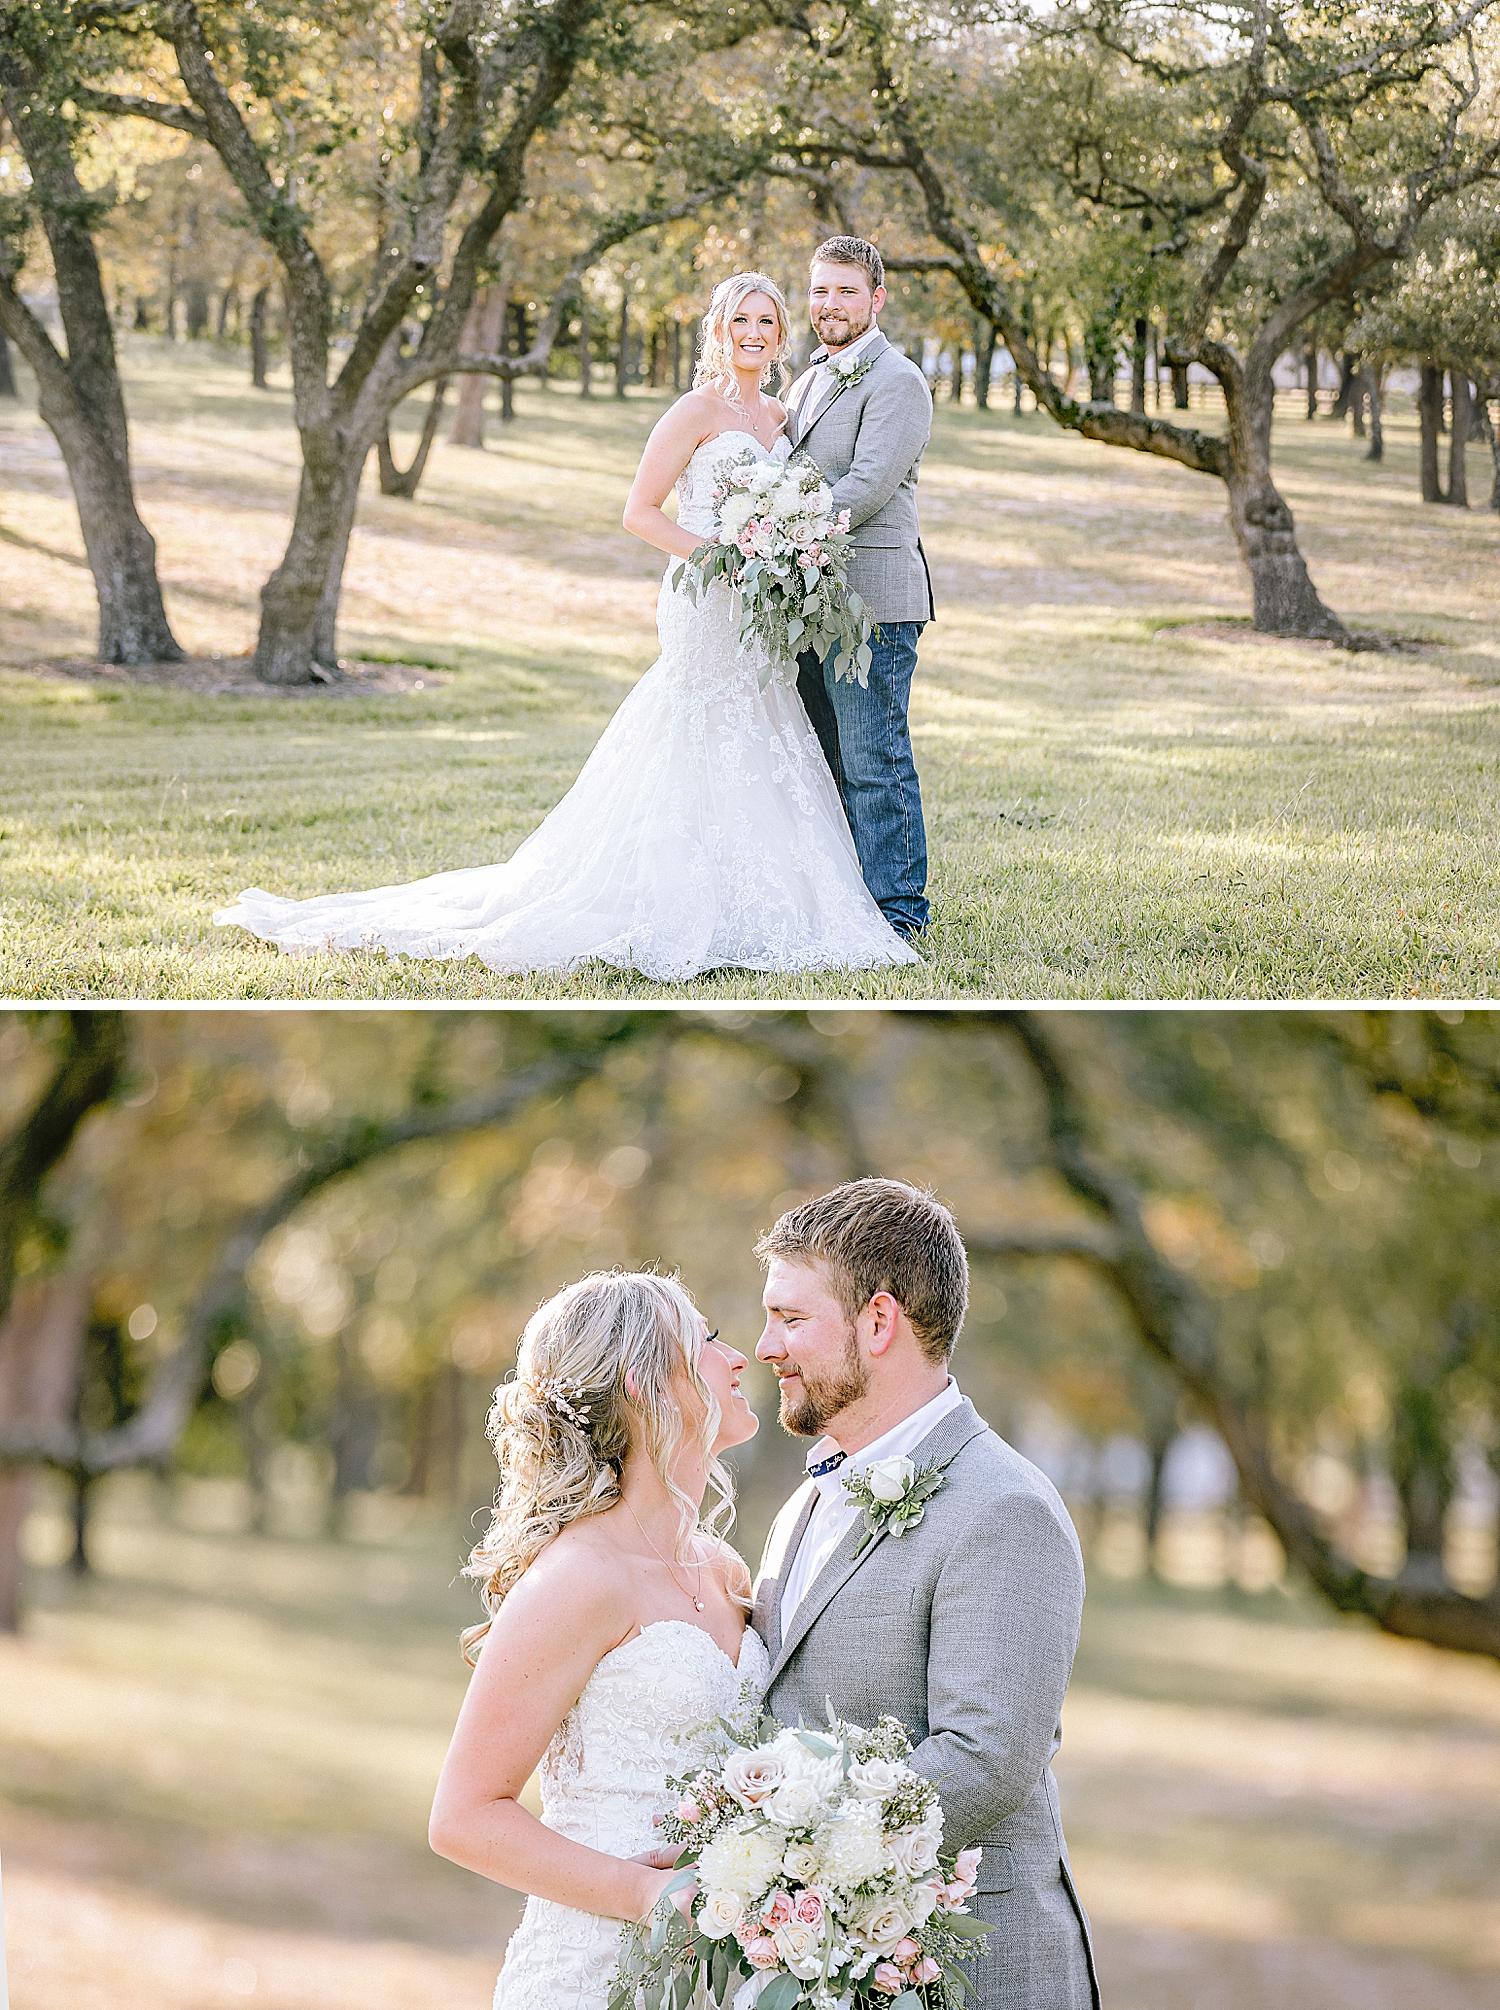 Rackler-Ranch-LaVernia-Texas-Wedding-Carly-Barton-Photography_0041.jpg